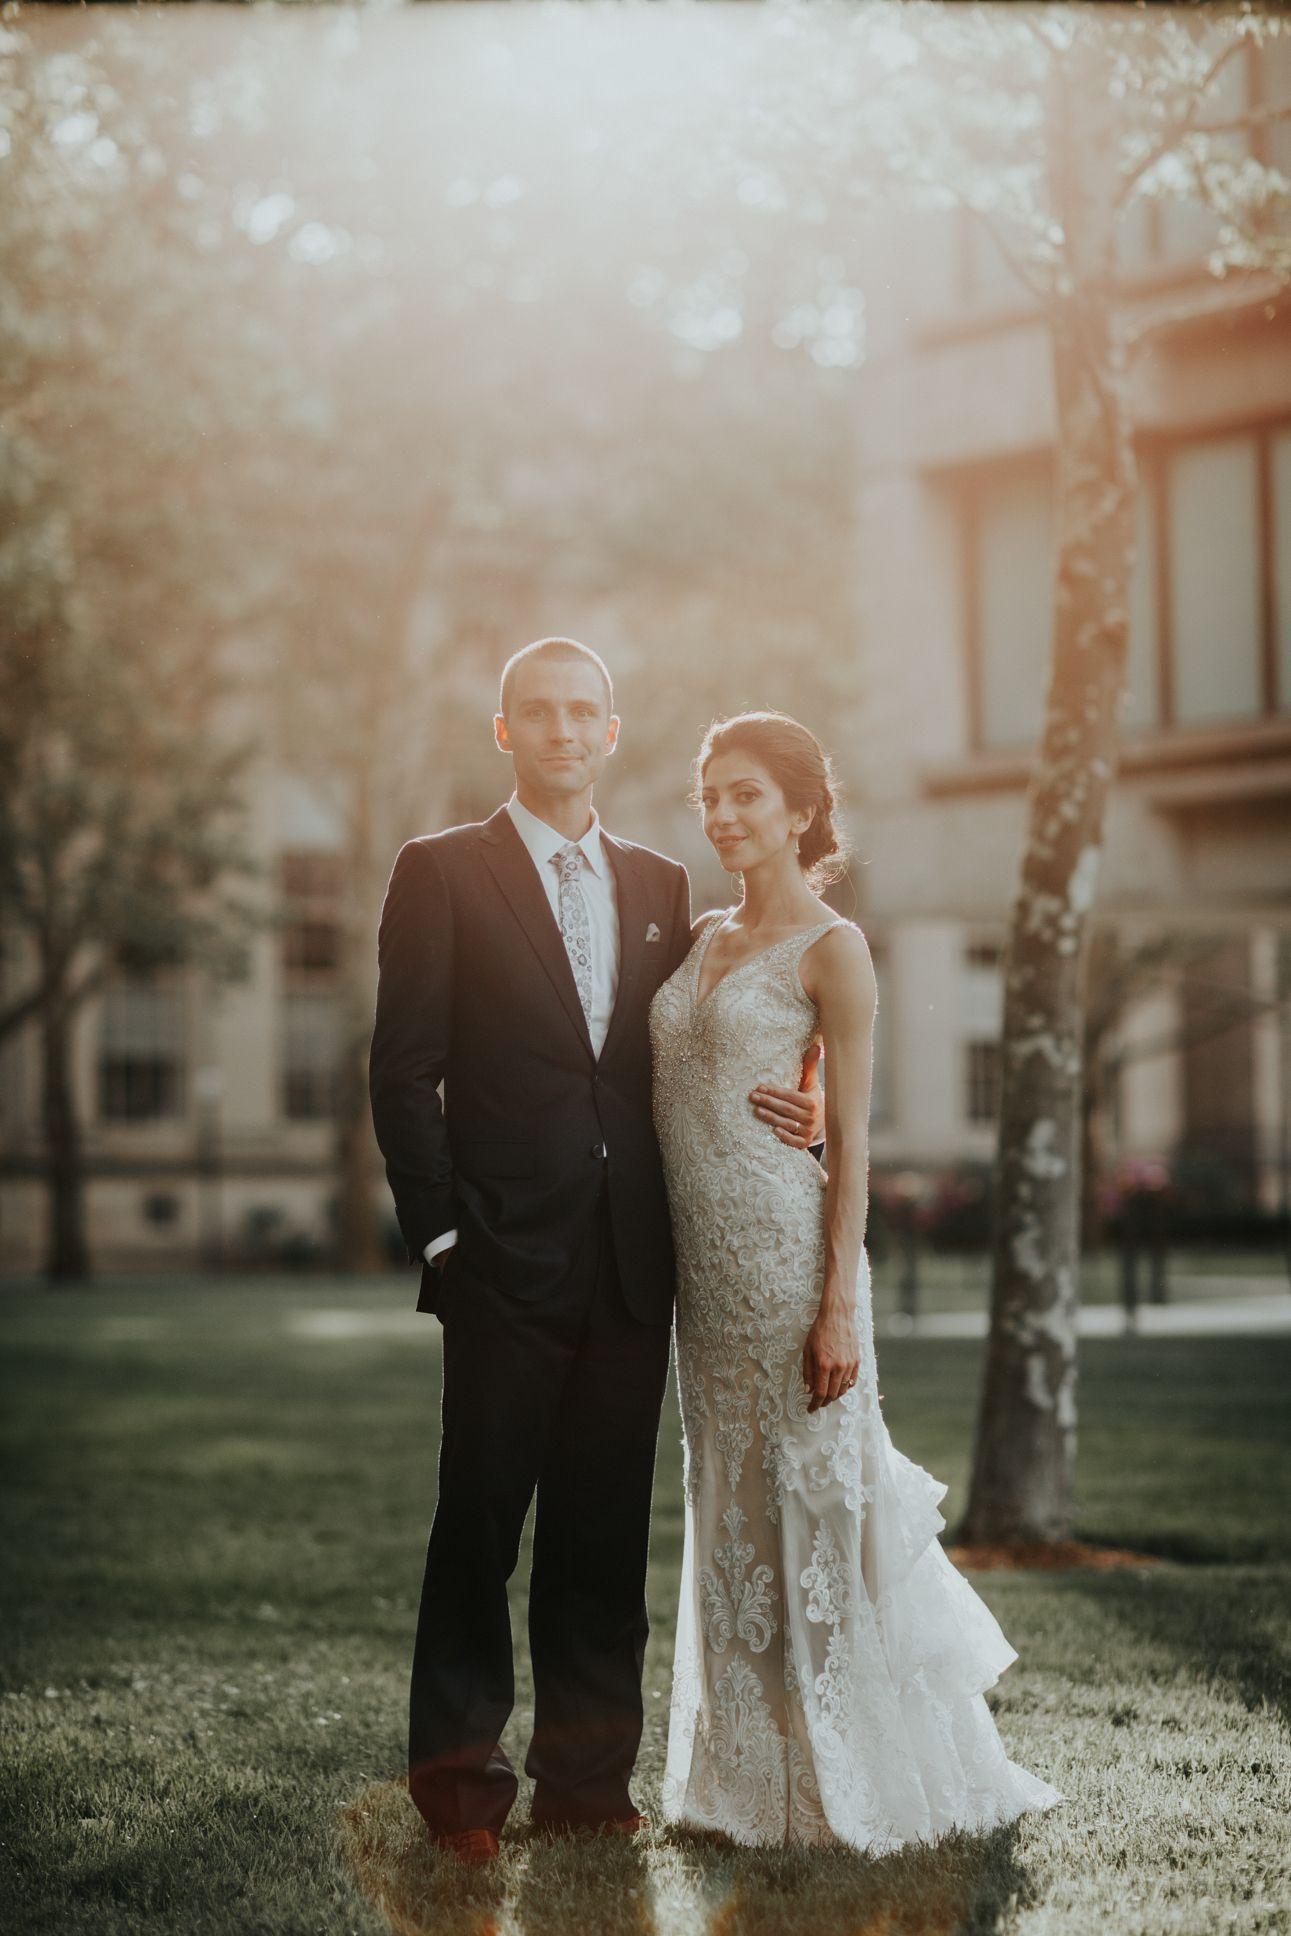 Mit Wedding Julie Dodd Boston Wedding Photographer Intimate Wedding Photography Wedding Boston Wedding Photography